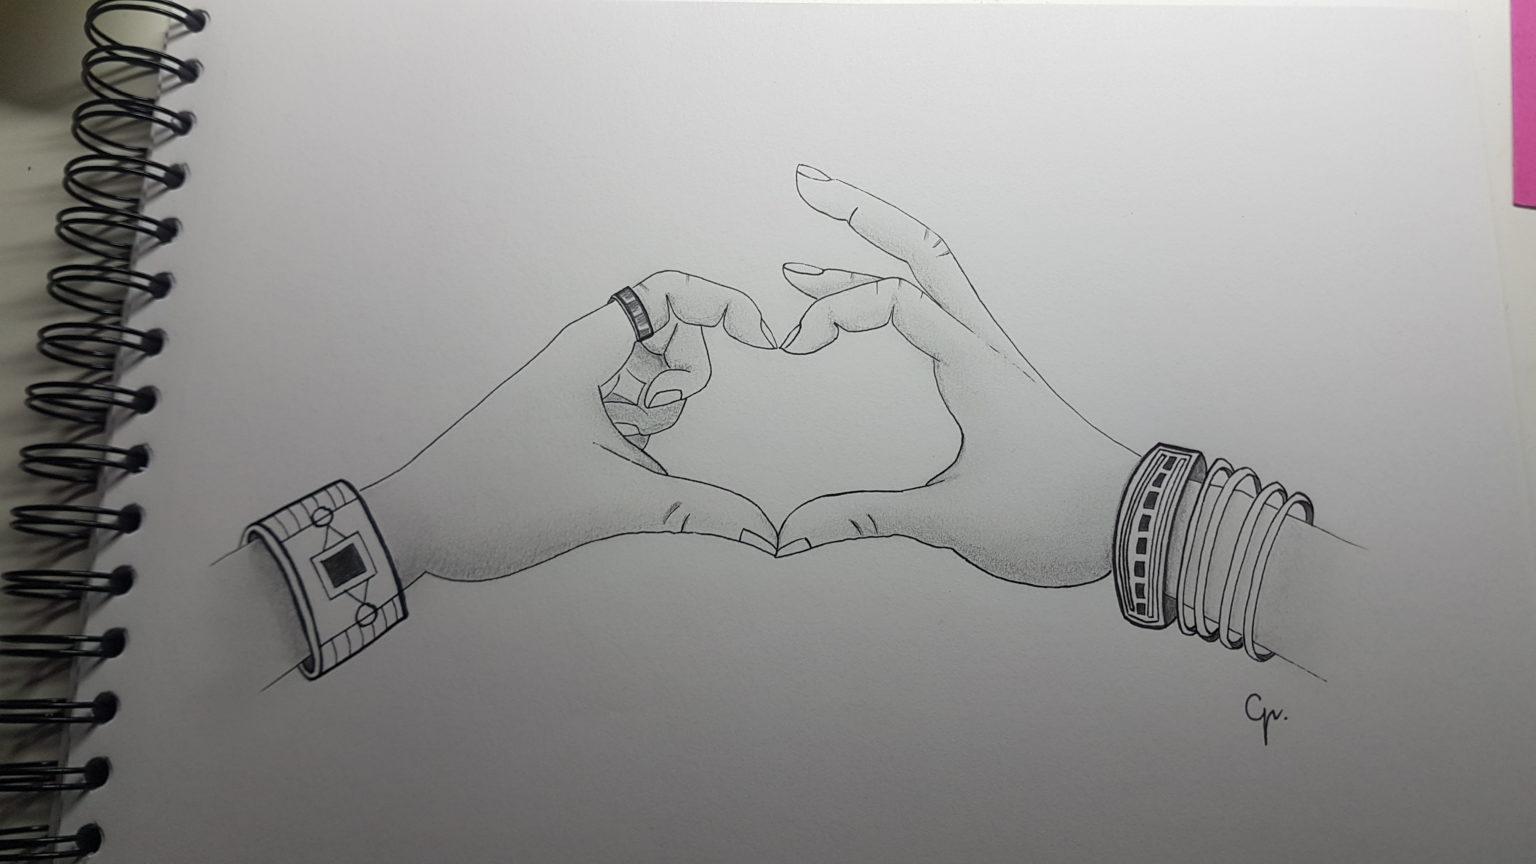 Dessiner-mains-apprendre-formation-en-ligne